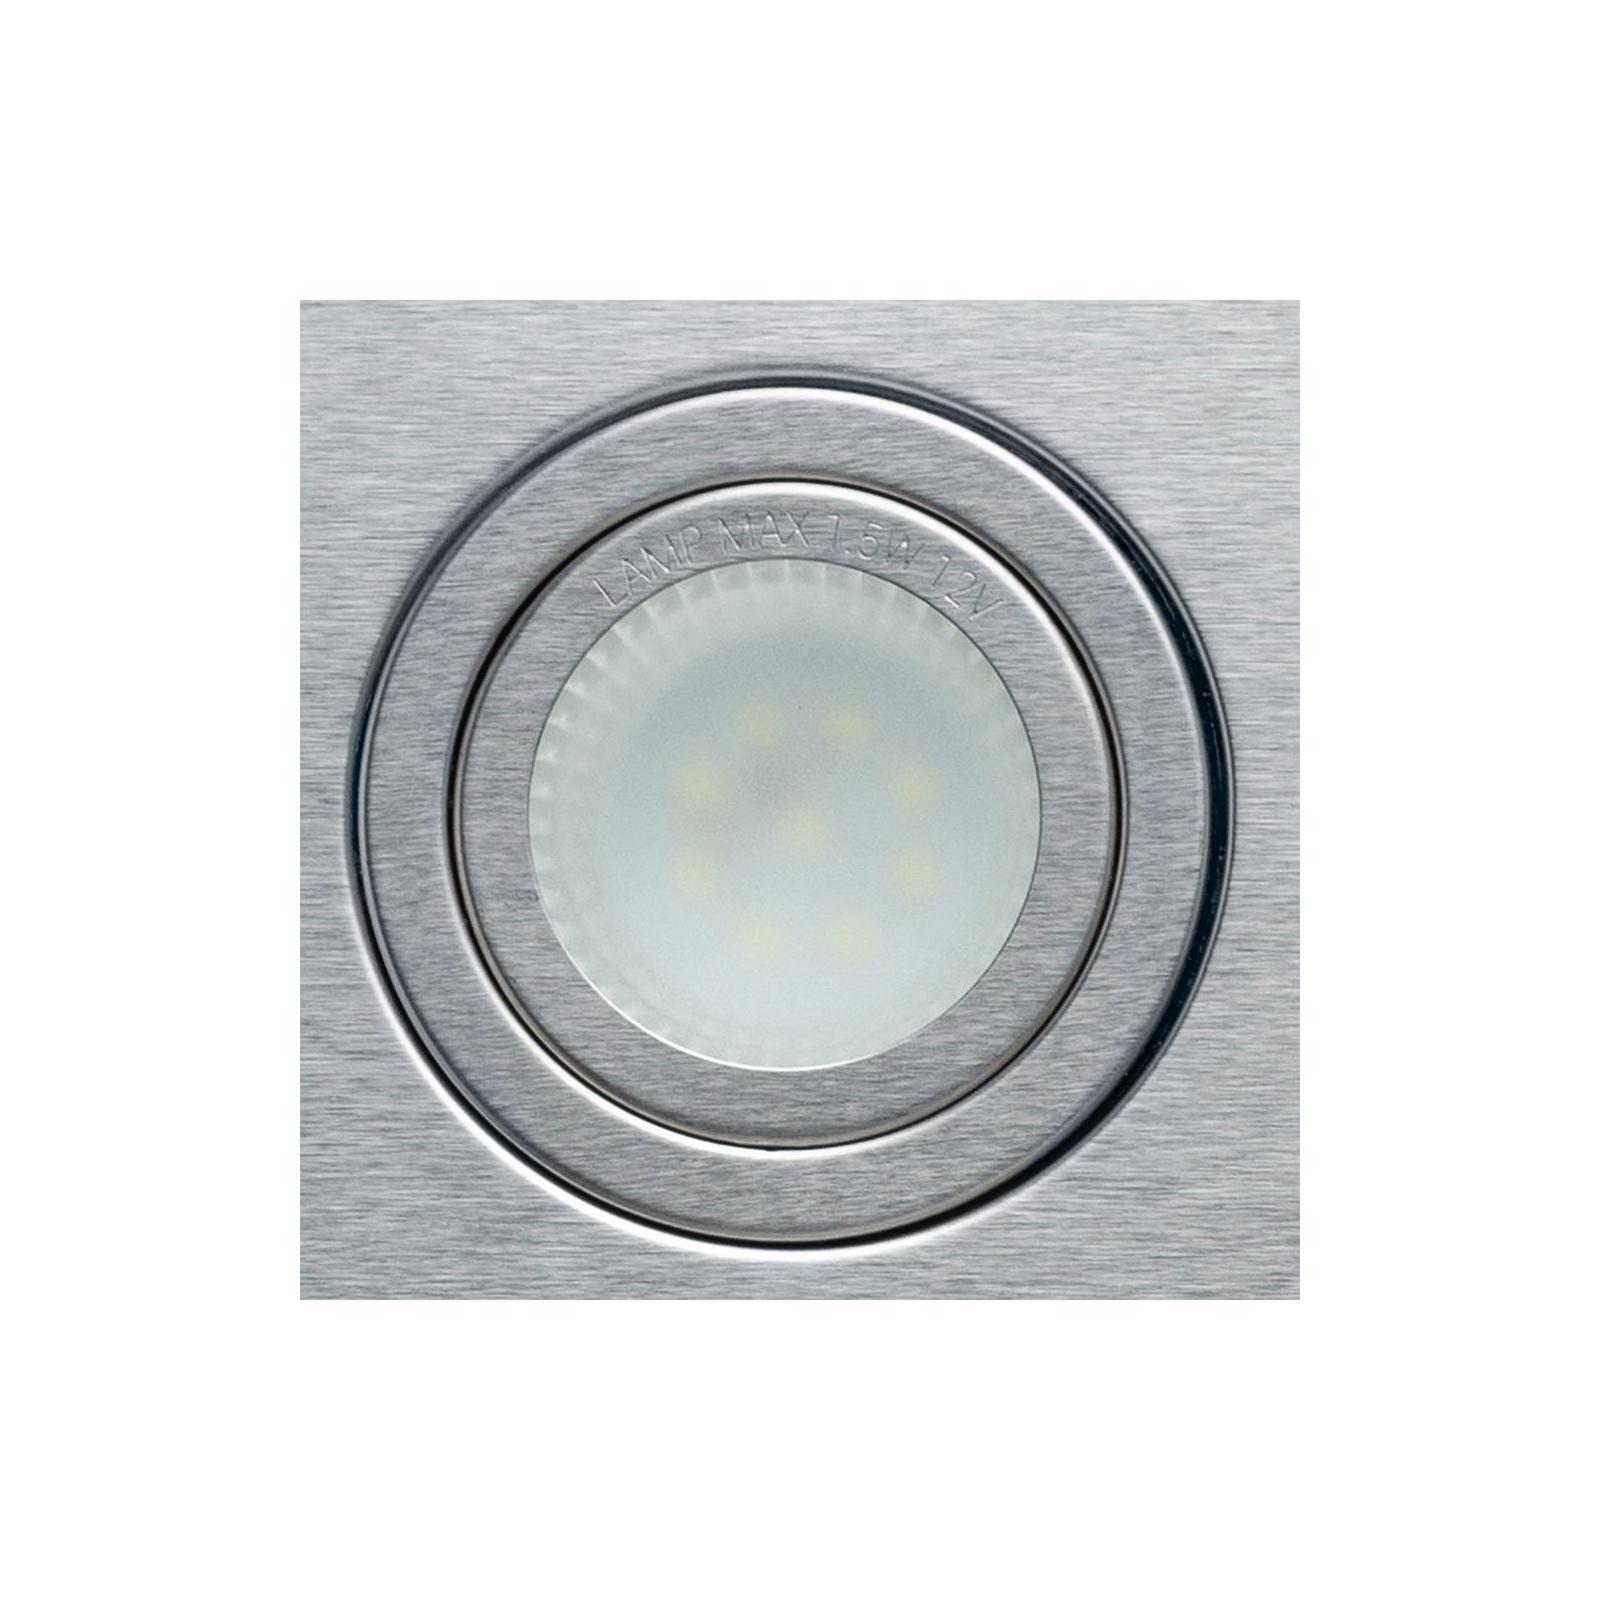 Вытяжка кухонная MINOLA HBI 5622 I 1000 LED изображение 6